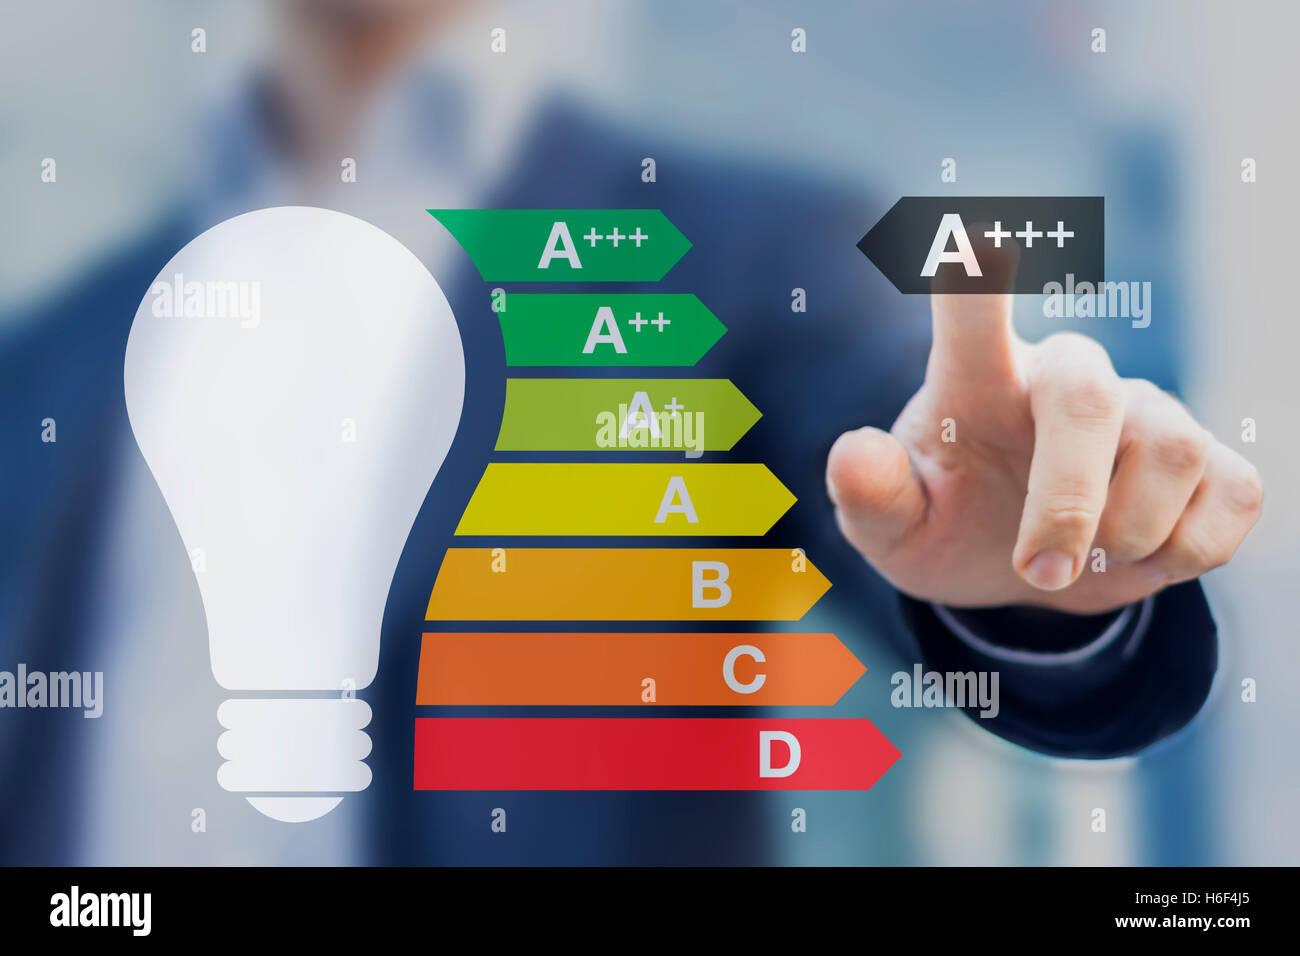 Ampoule avec les meilleures performances classe a+++ affiche sur l'étiquette d'efficacité Photo Stock